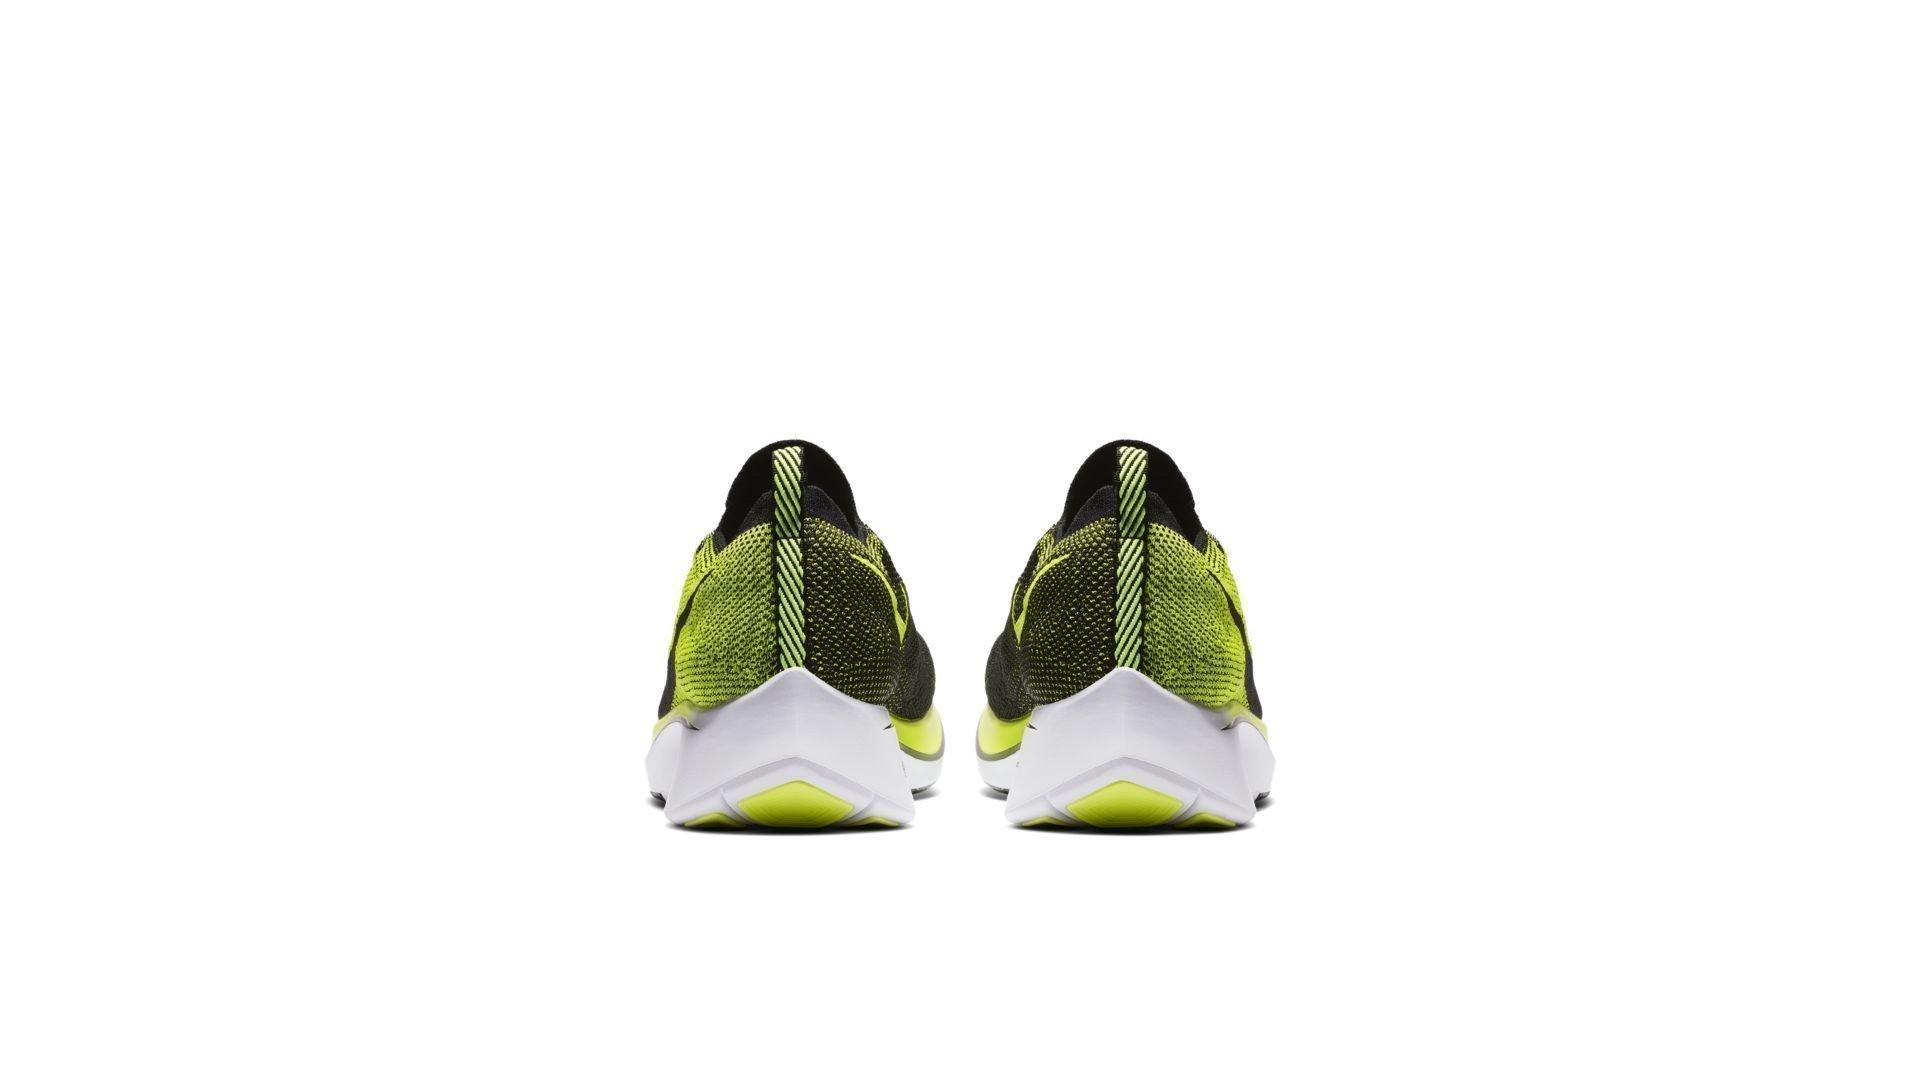 Nike Zoom Fly Flyknit Black Volt (BV6103-002)